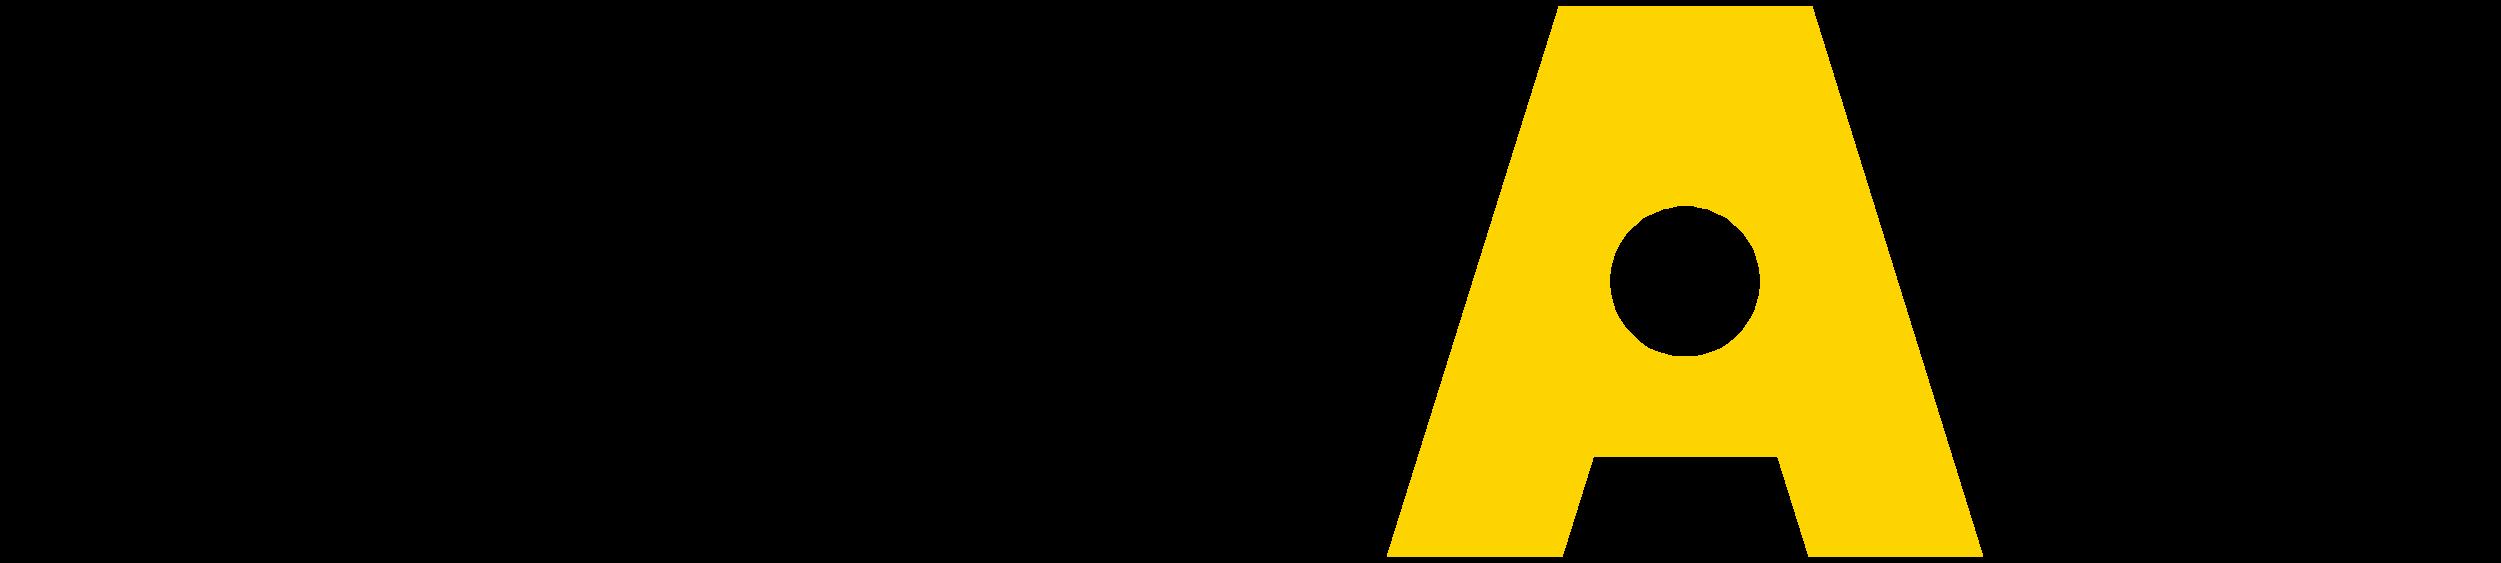 ISIDAO